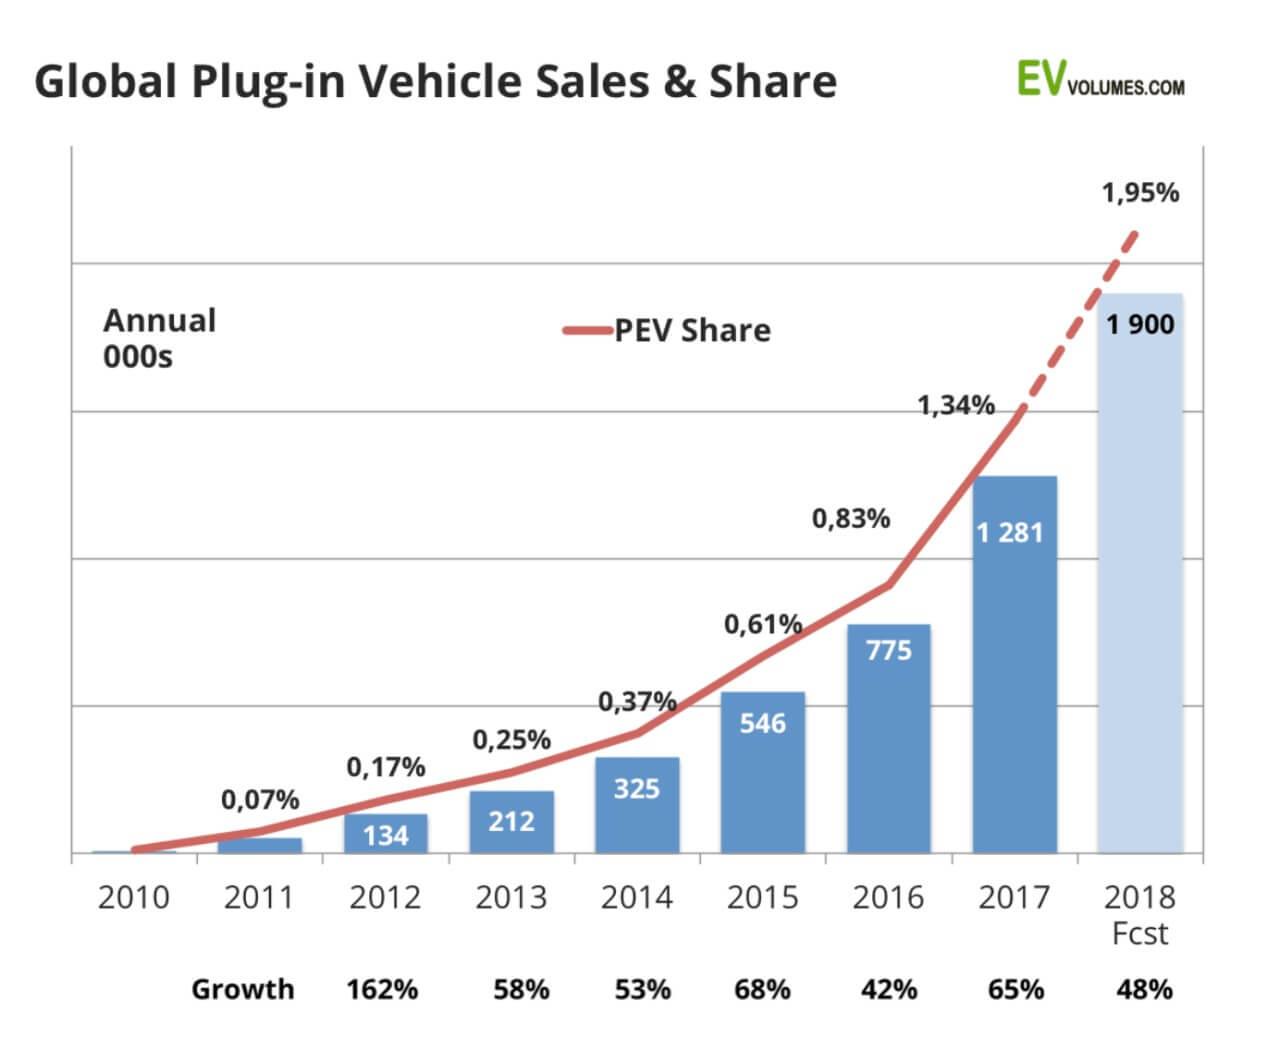 Рост продаж электромобилей с2010 по 2018 год в мире